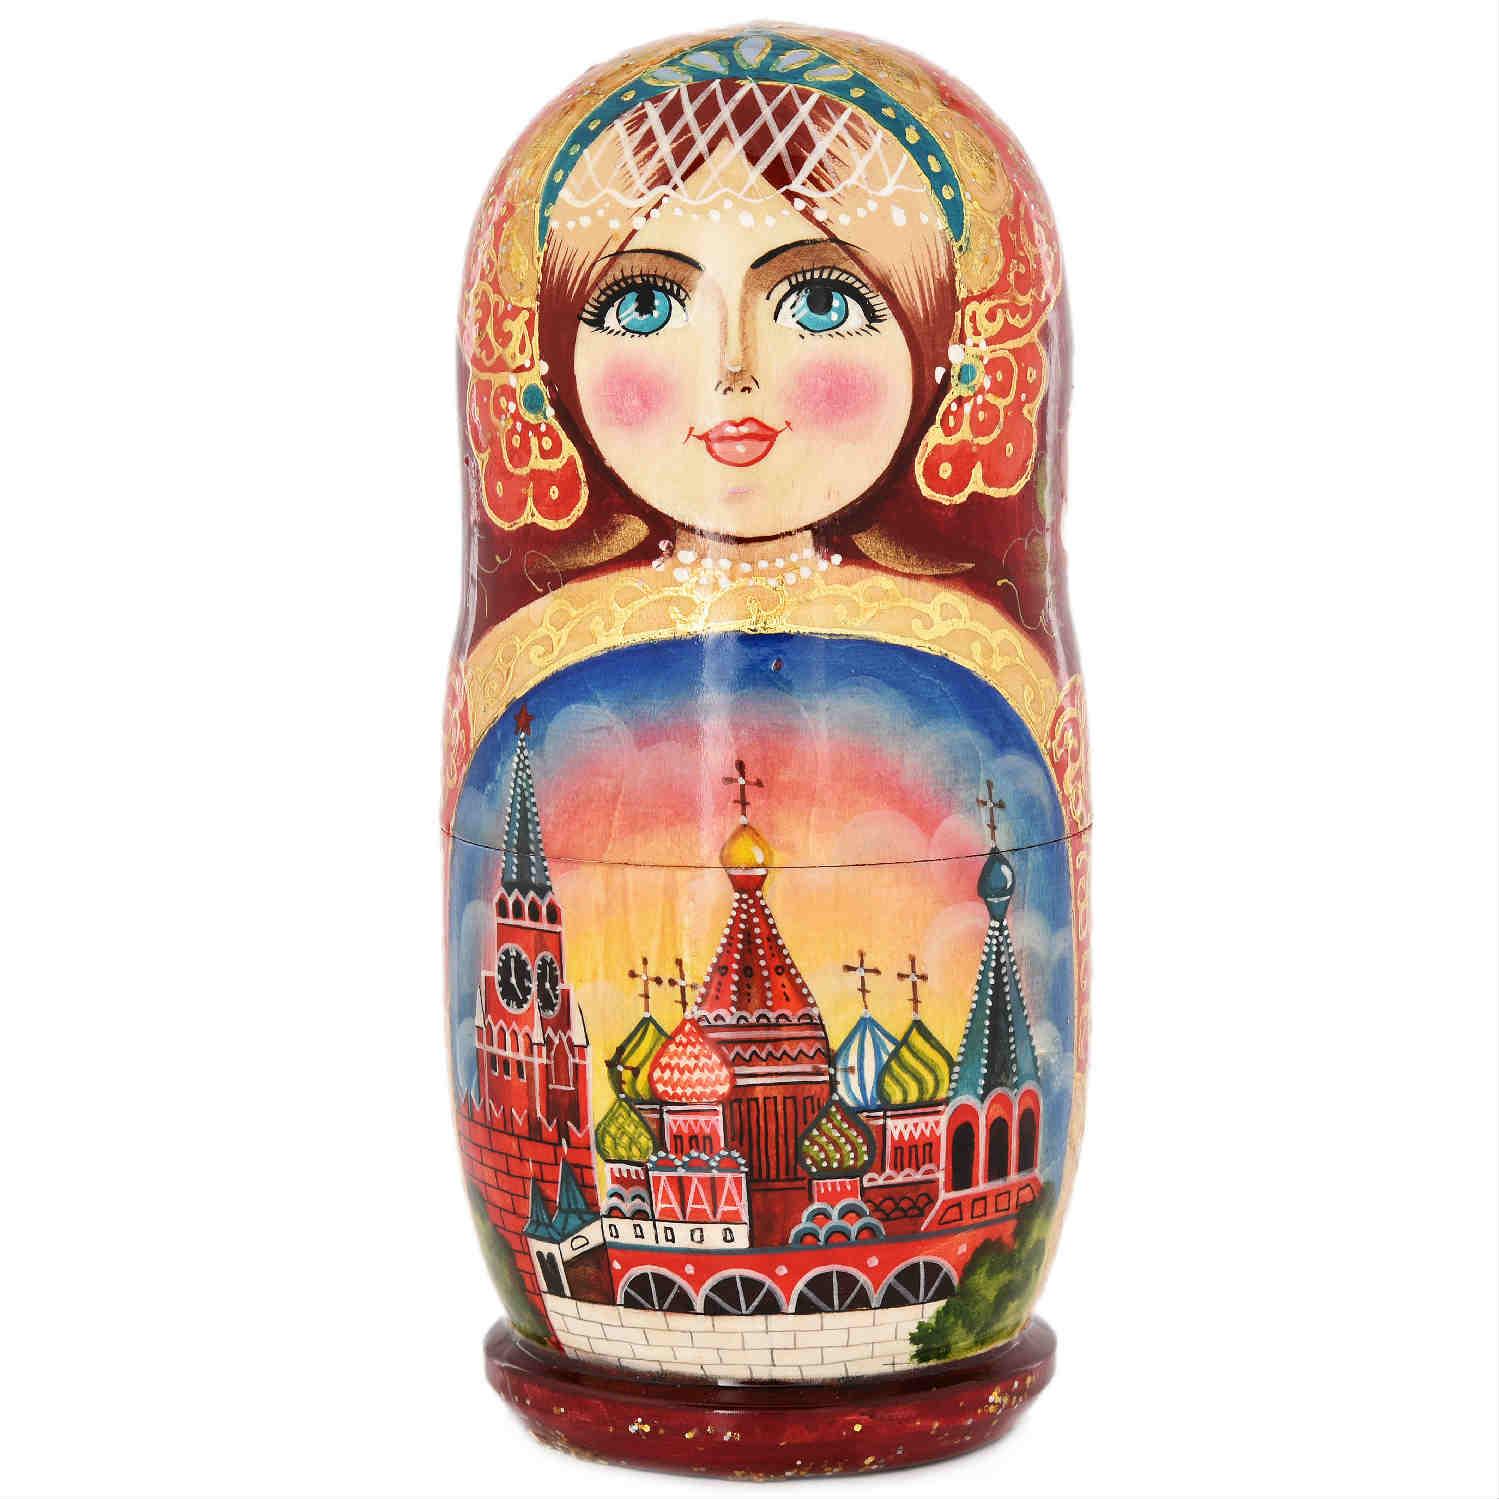 Досуг, русские сувениры в москве недорого определитесь: нужно